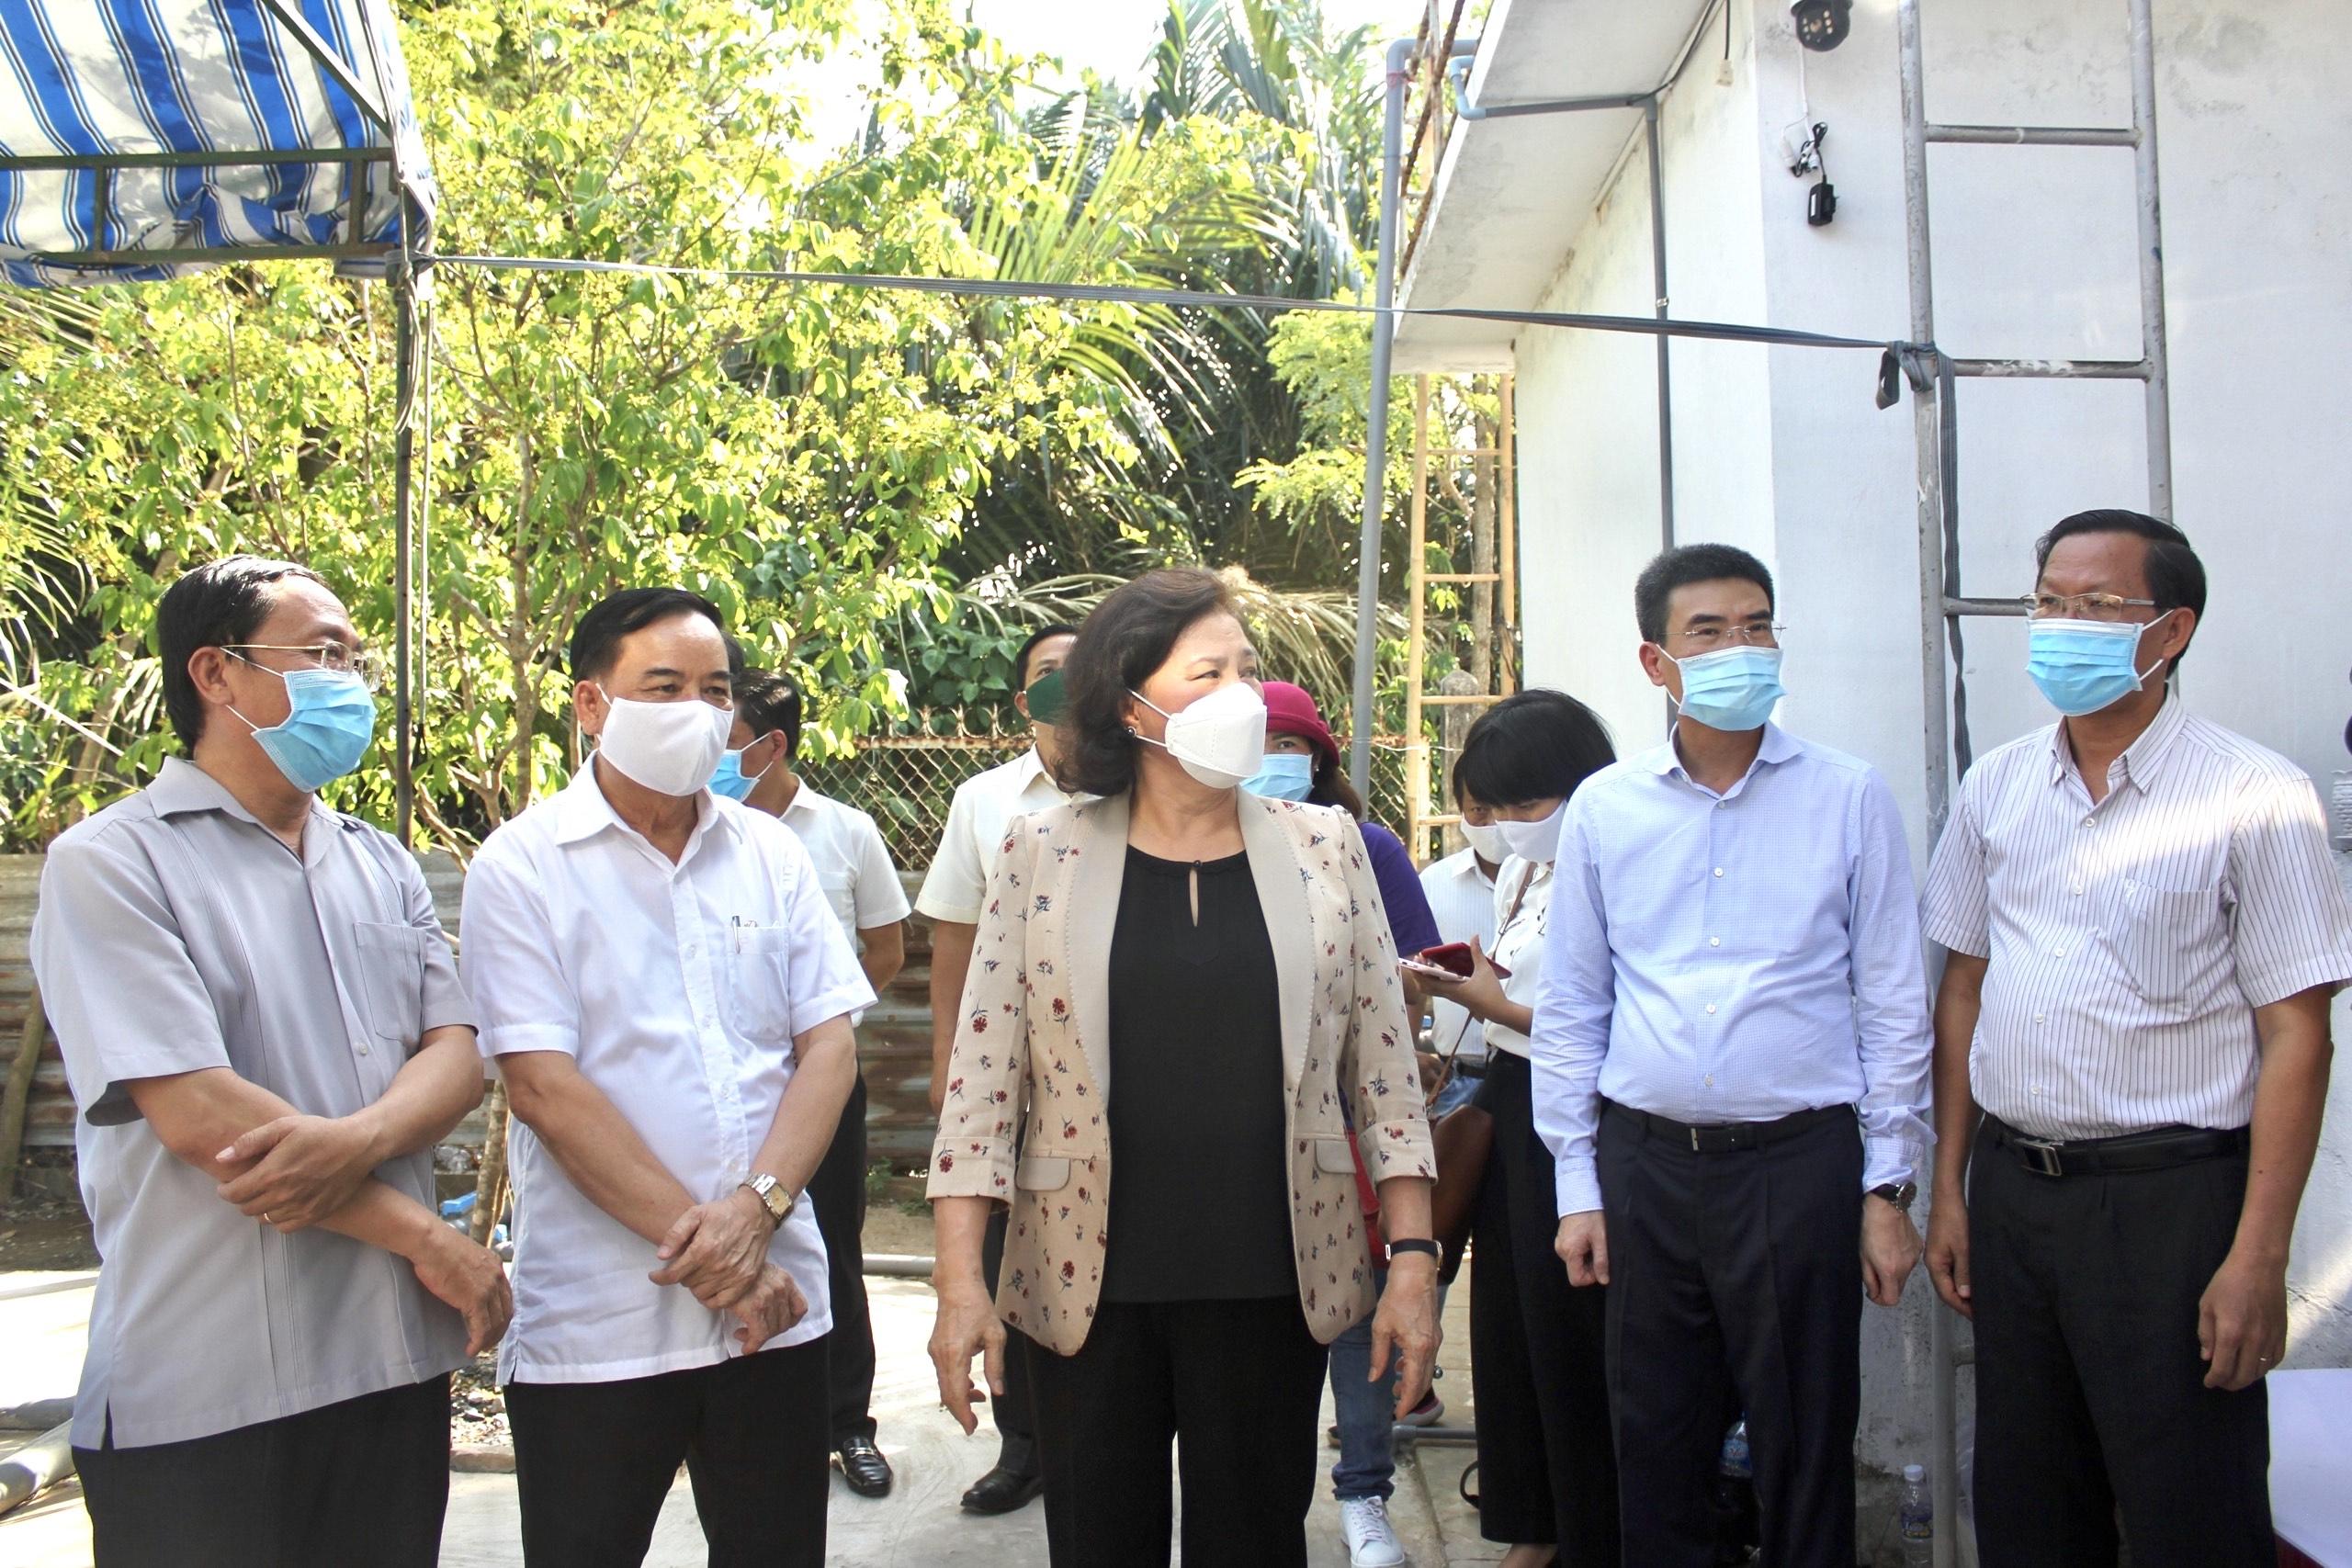 Bà Nguyễn Thị Kim Ngân - Chủ tịch Quốc hội cùng đoàn công tác đến thực địa vùng hạn hán ngập mặn miền Tây Nam bộ